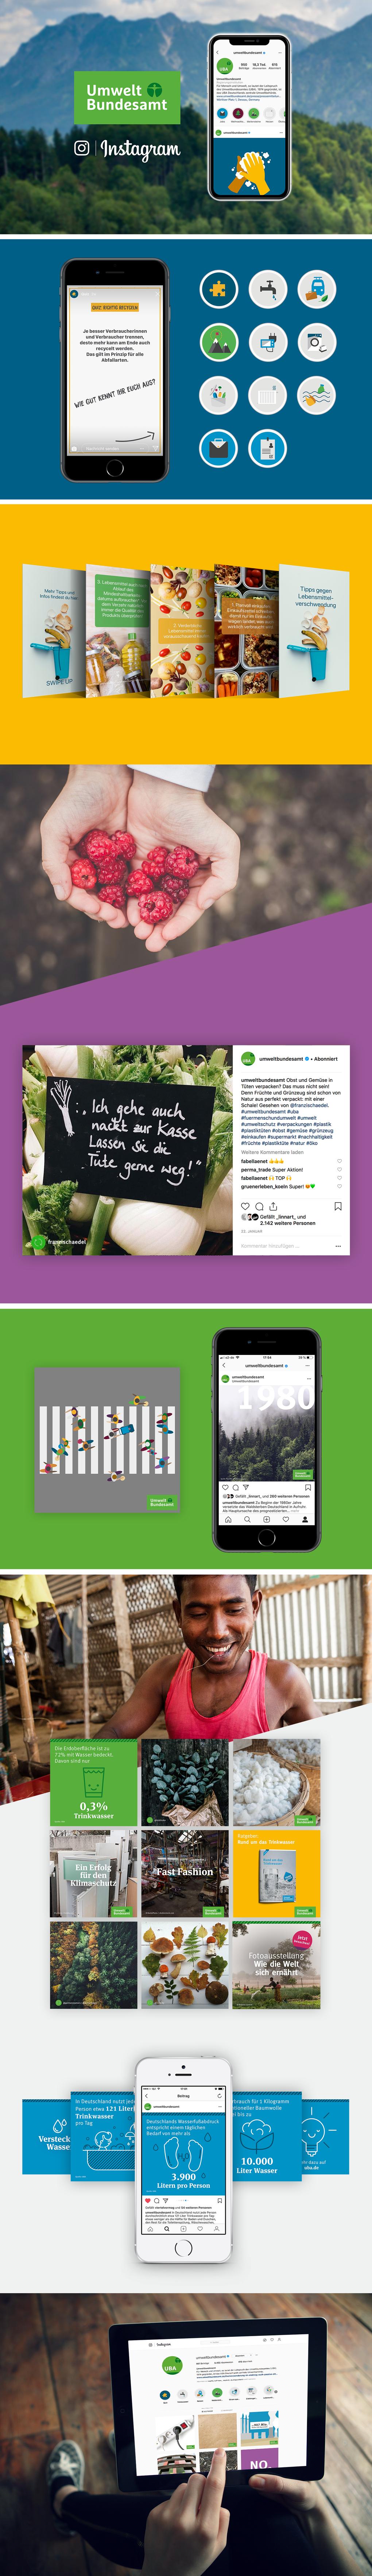 Projektaufbereitung für die Instagram-Unterstützung des Umweltbundesamtes